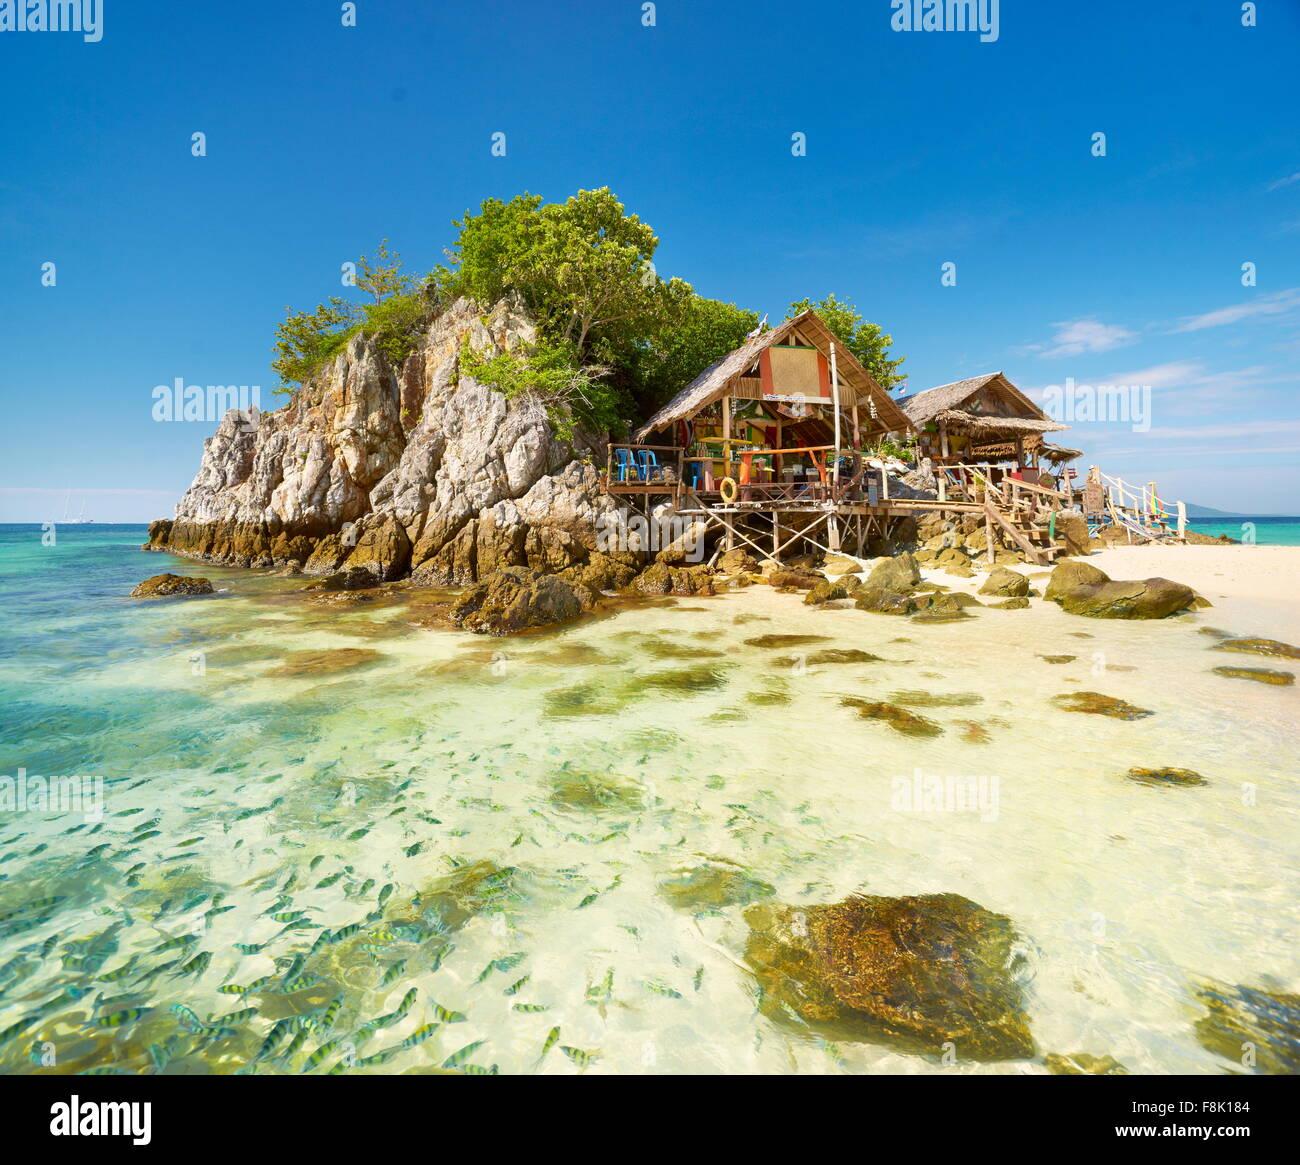 Thailand - Phang Nga Bay, Khai Island, Andaman Sea - Stock Image